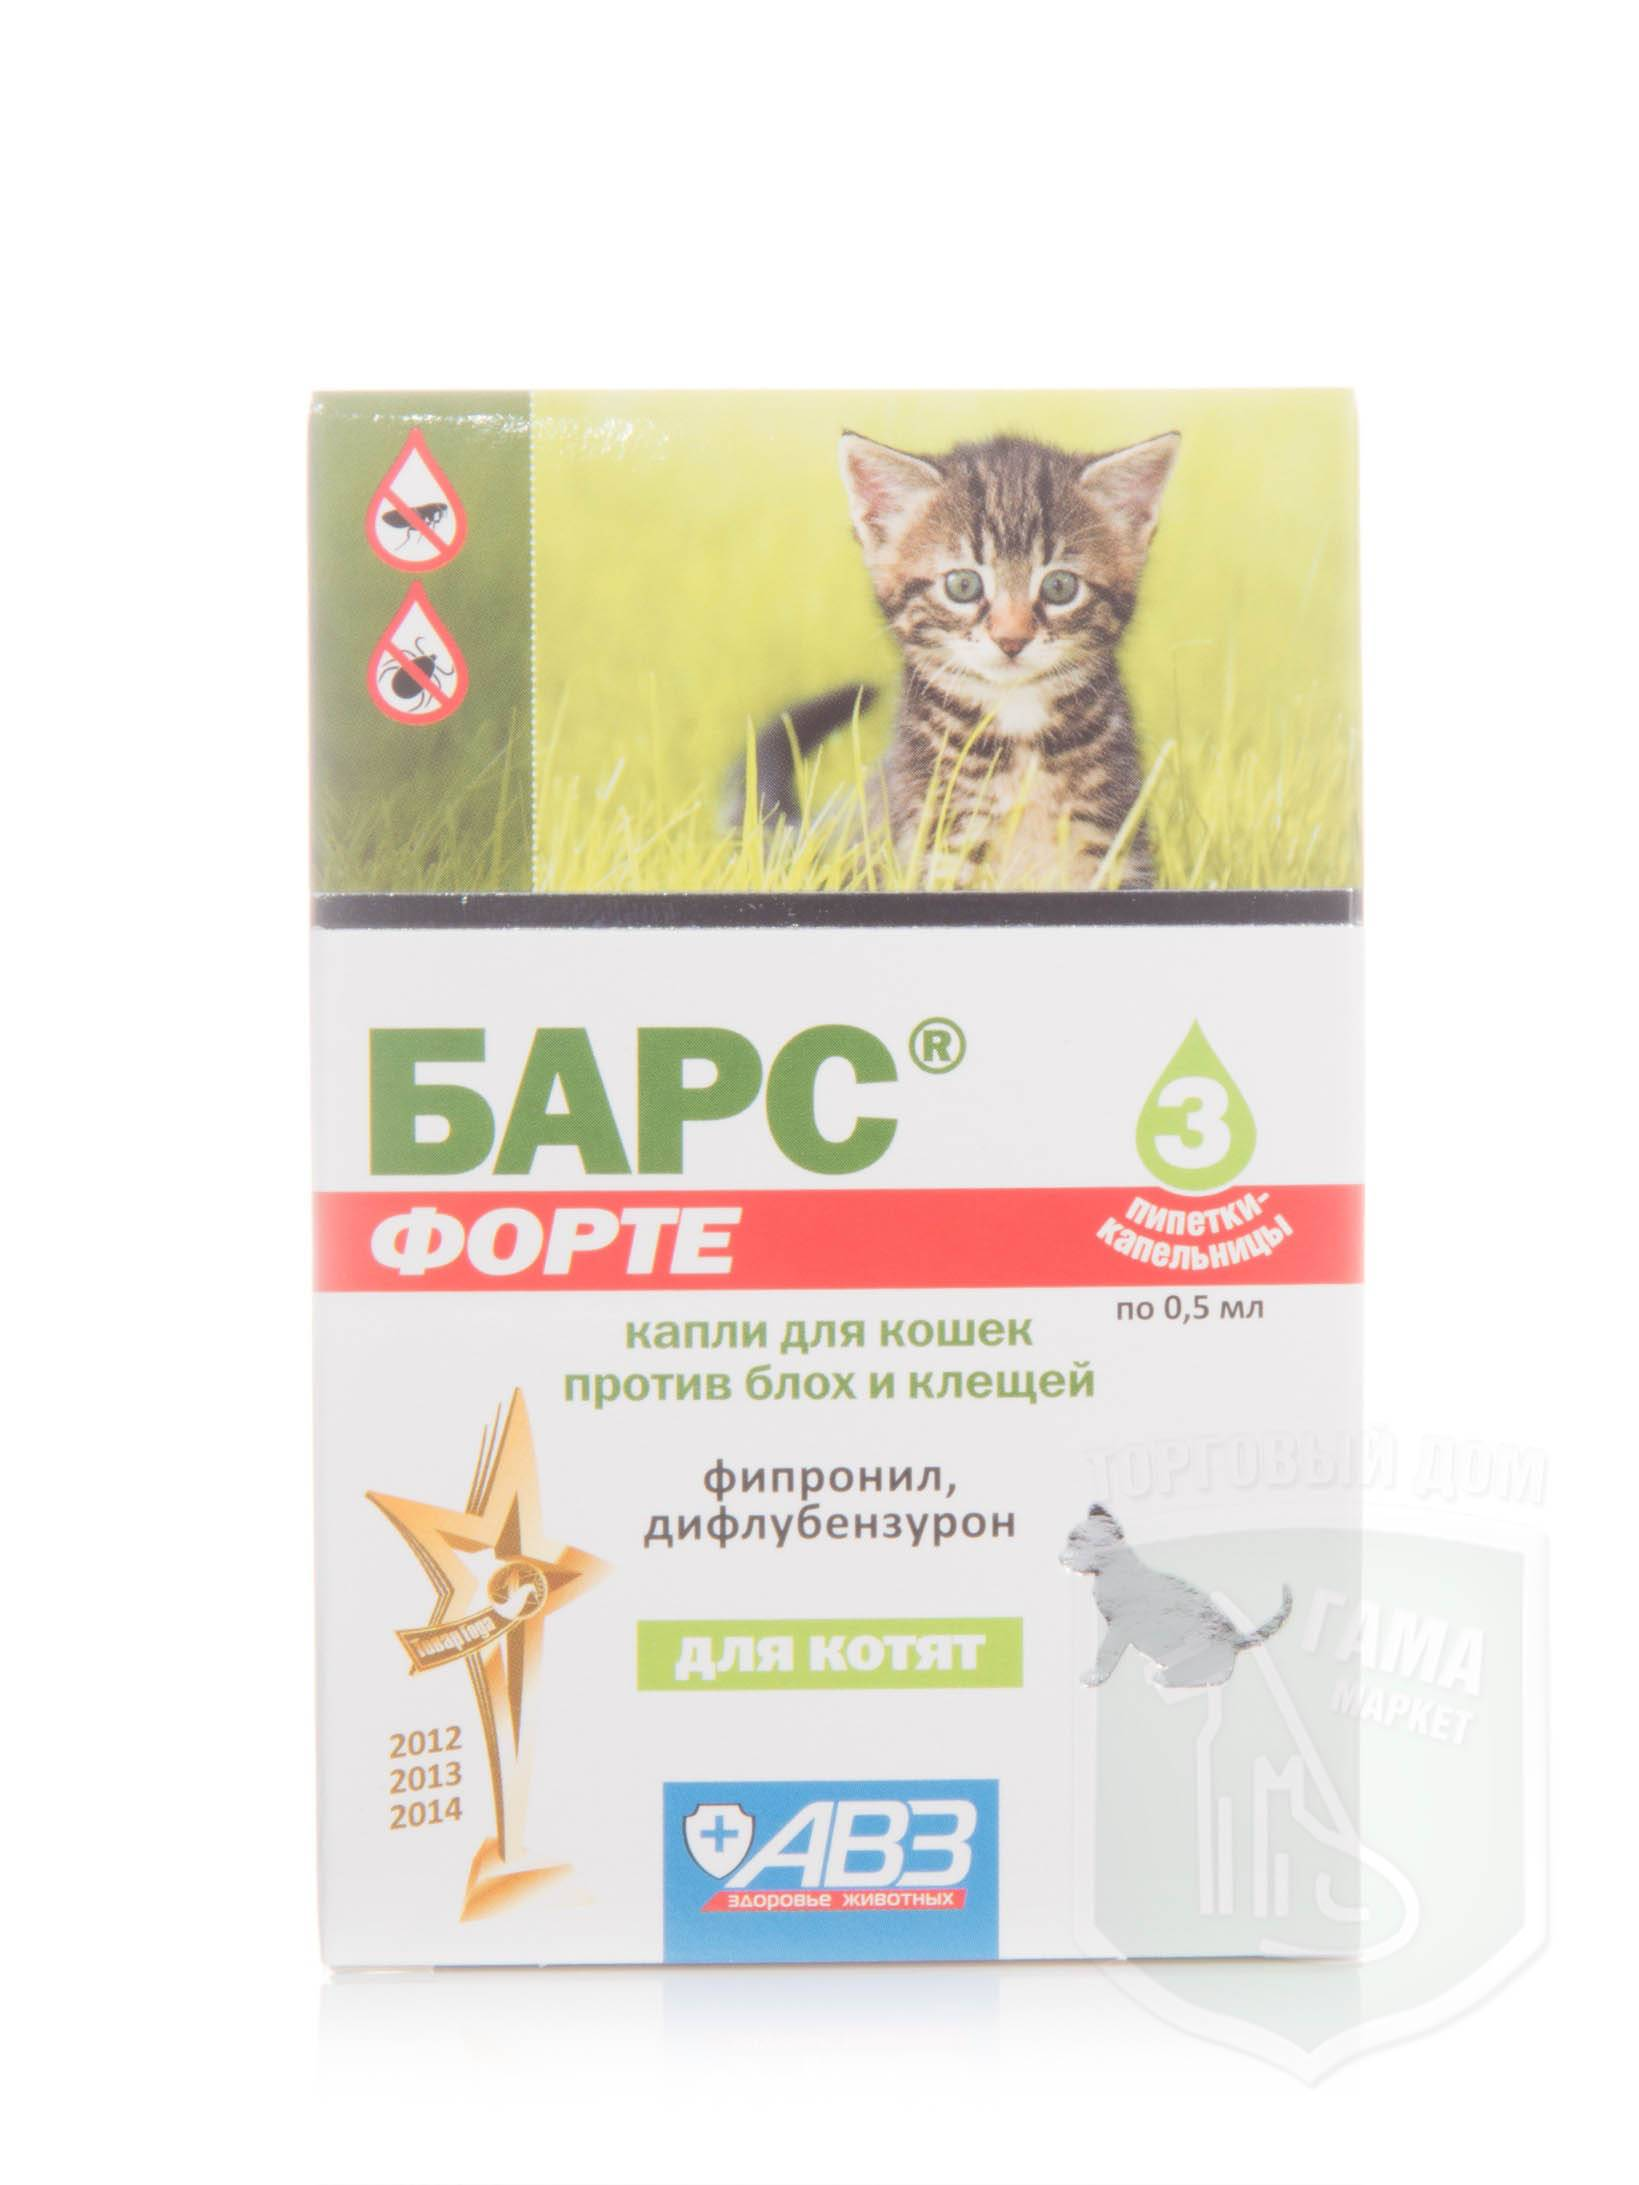 Средство против блох и клещей «барс»: как применять для кошек